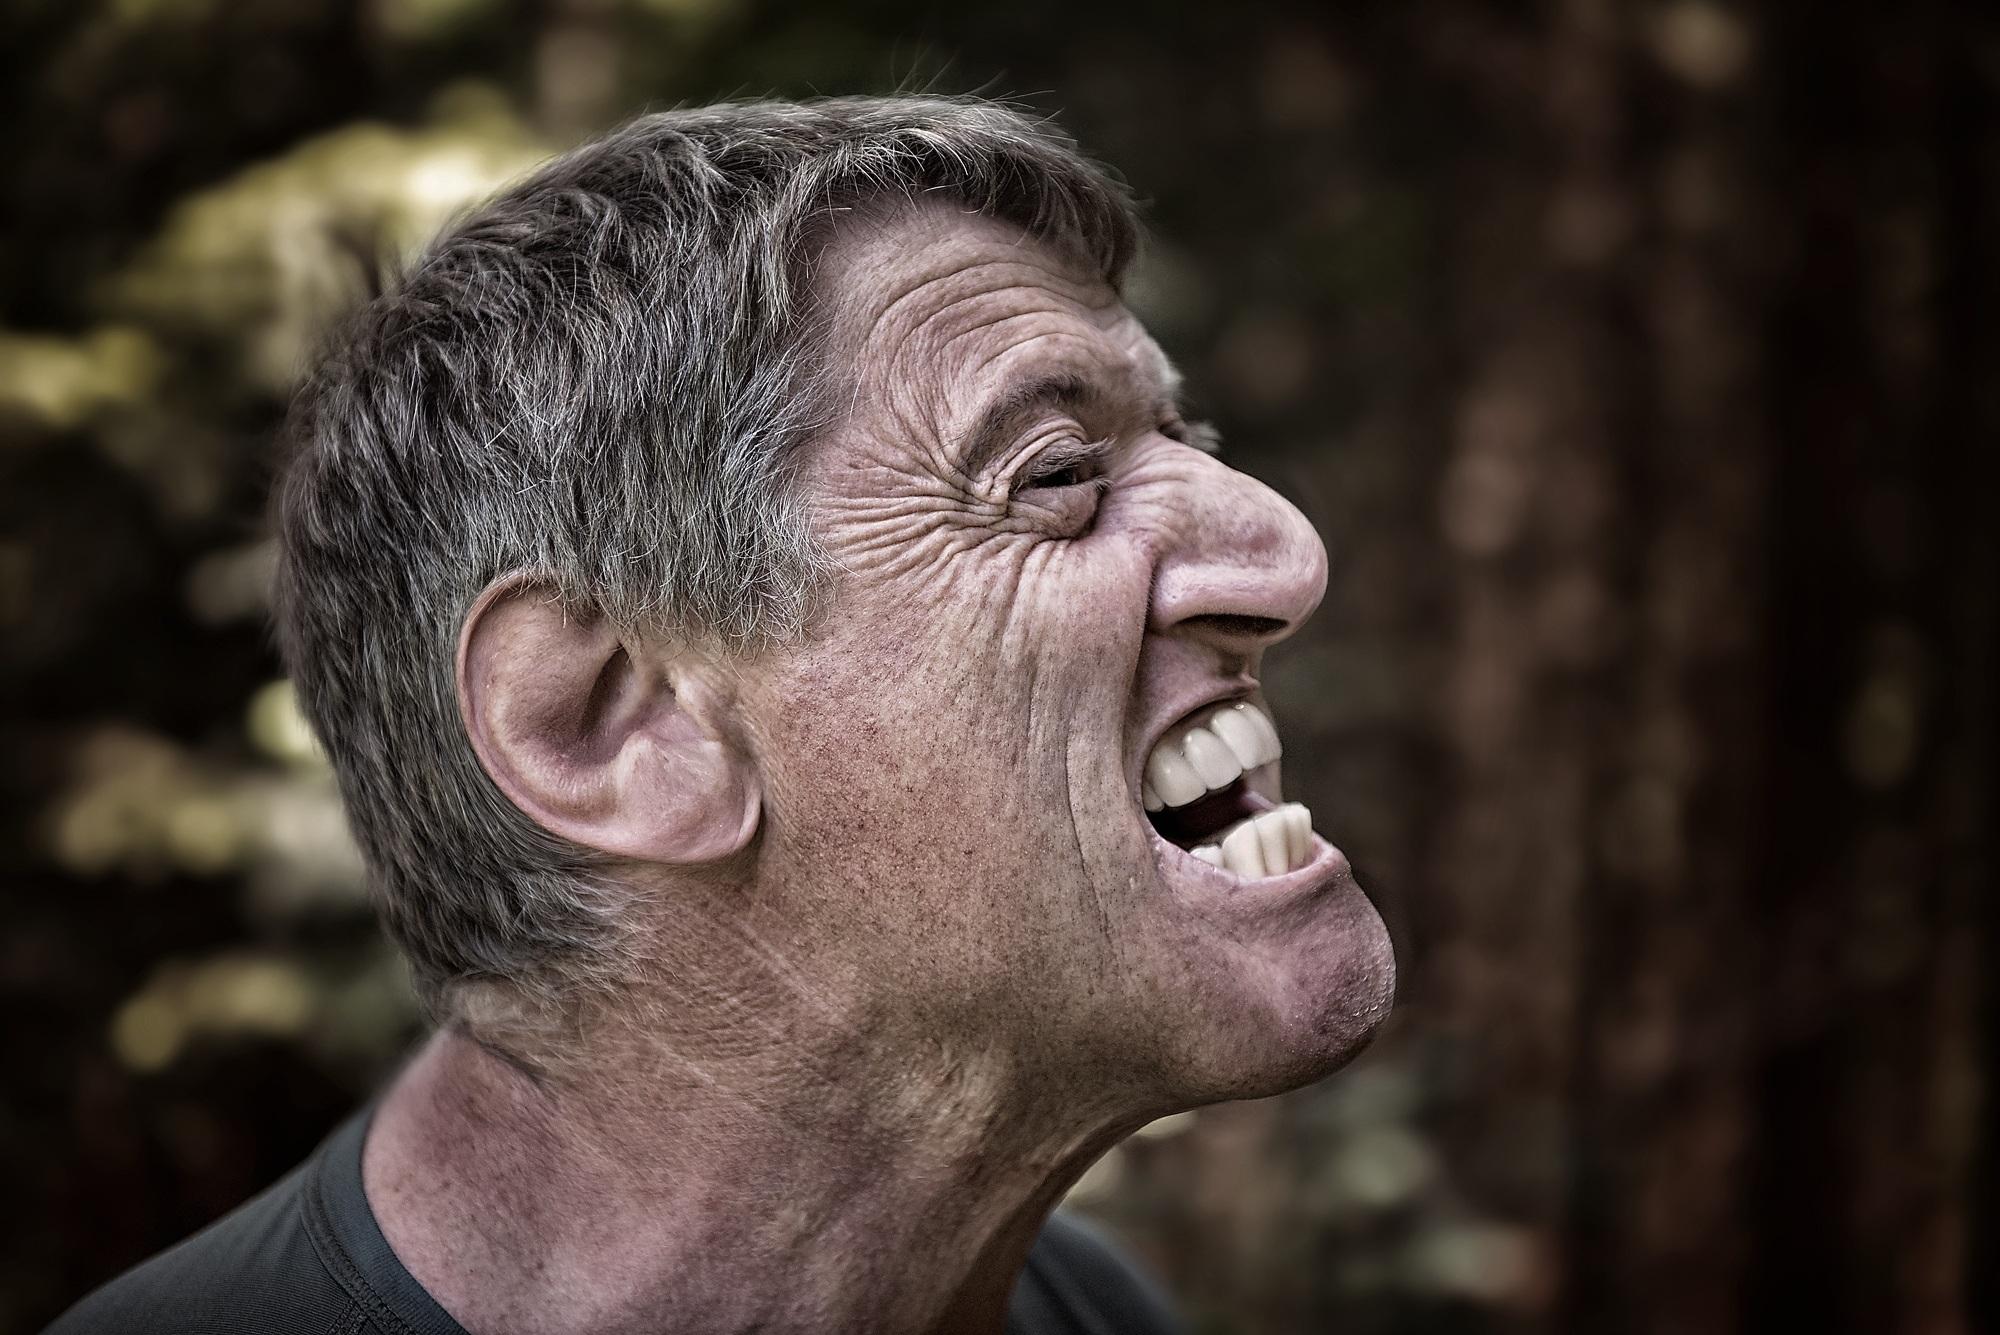 Gambar Manusia Orang Pria Potret Dekat Raut Wajah Otot